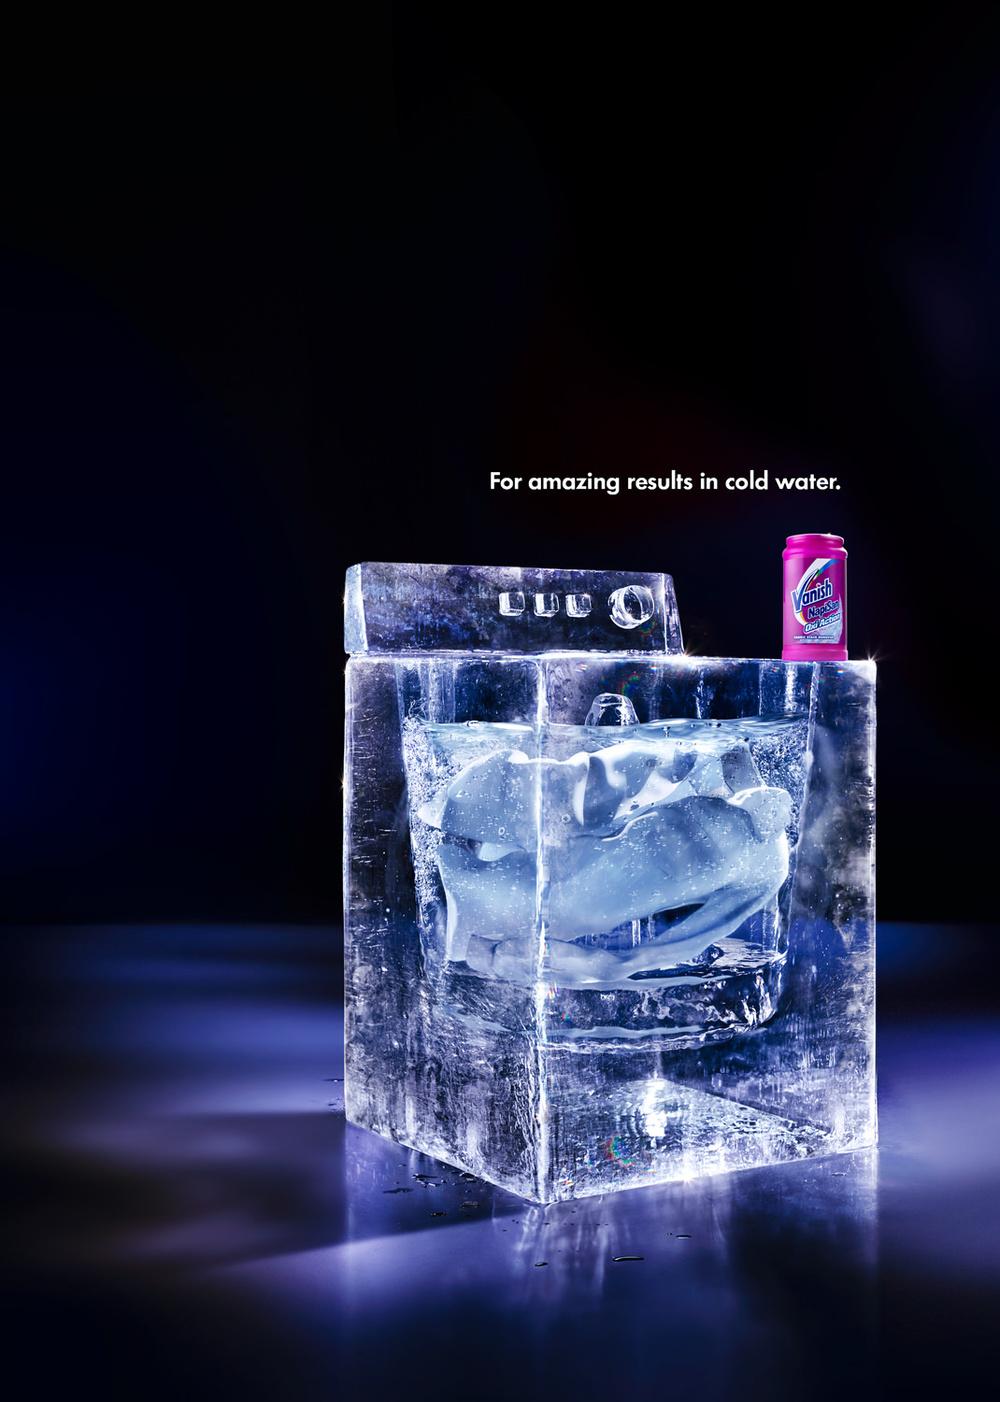 VANISH-ICE-WASHING-MACHINE-STEPHEN-STEWART.jpg